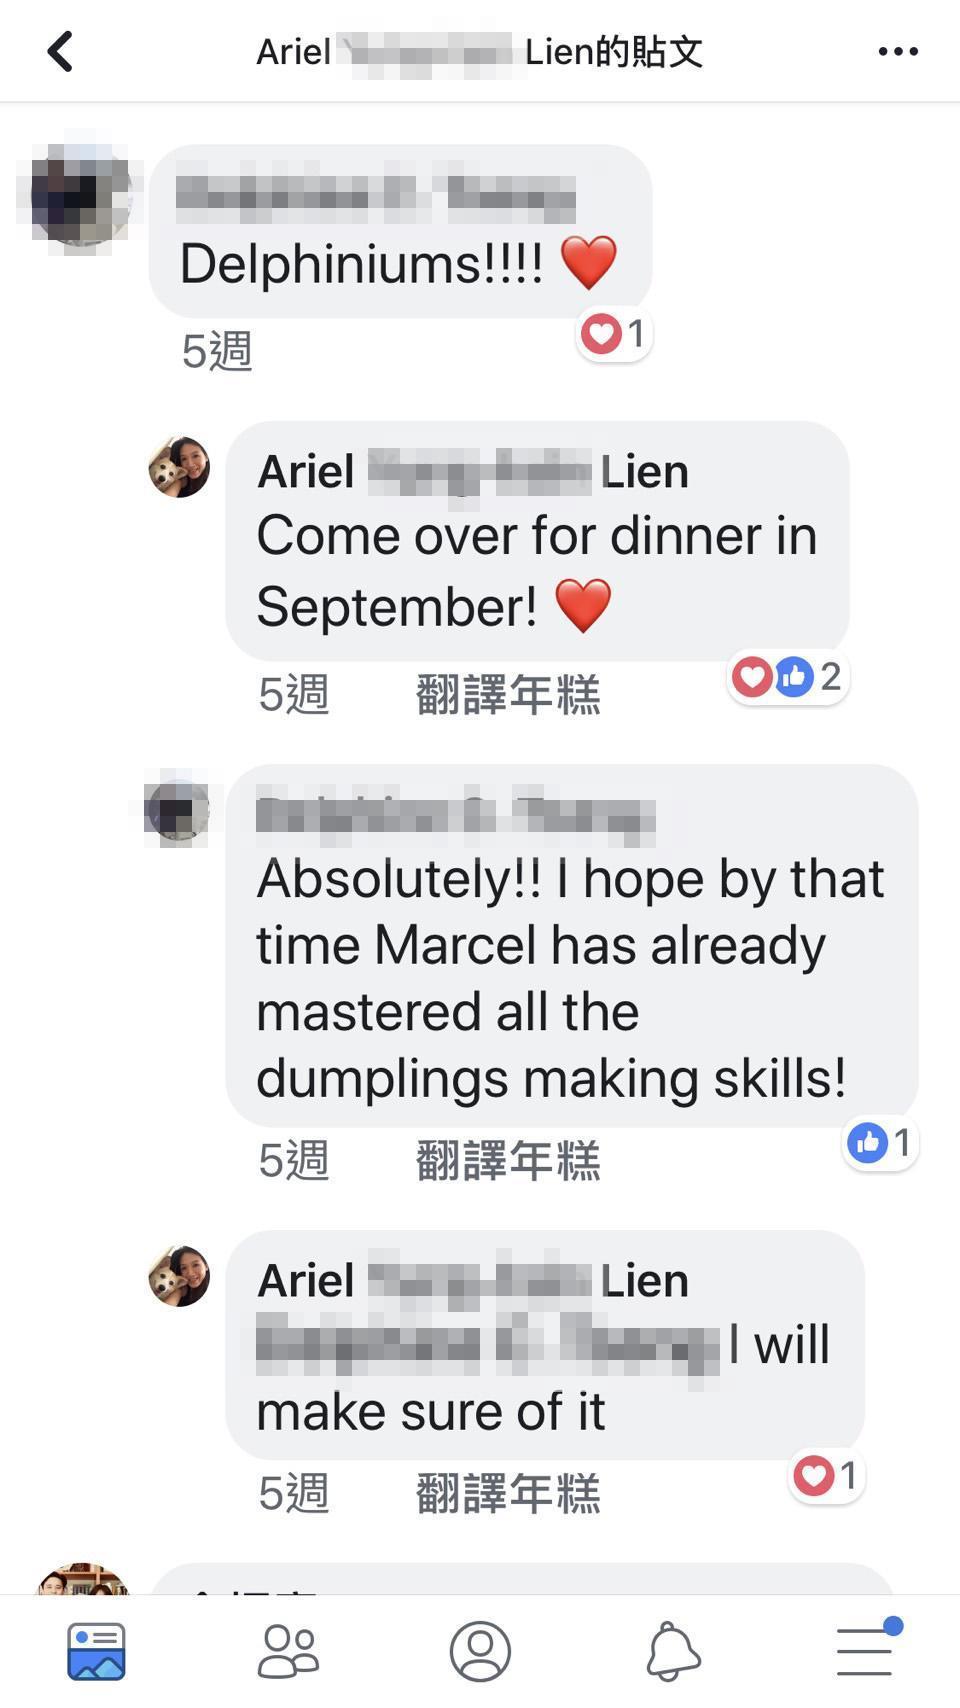 連詠心7月在臉書po了1張室內照片,邀請朋友9月到家裡用餐,男友馬塞爾的名字意外曝光。連詠心還甜蜜地回覆朋友說會督促男友學會包餃子。(翻攝自連詠心臉書)